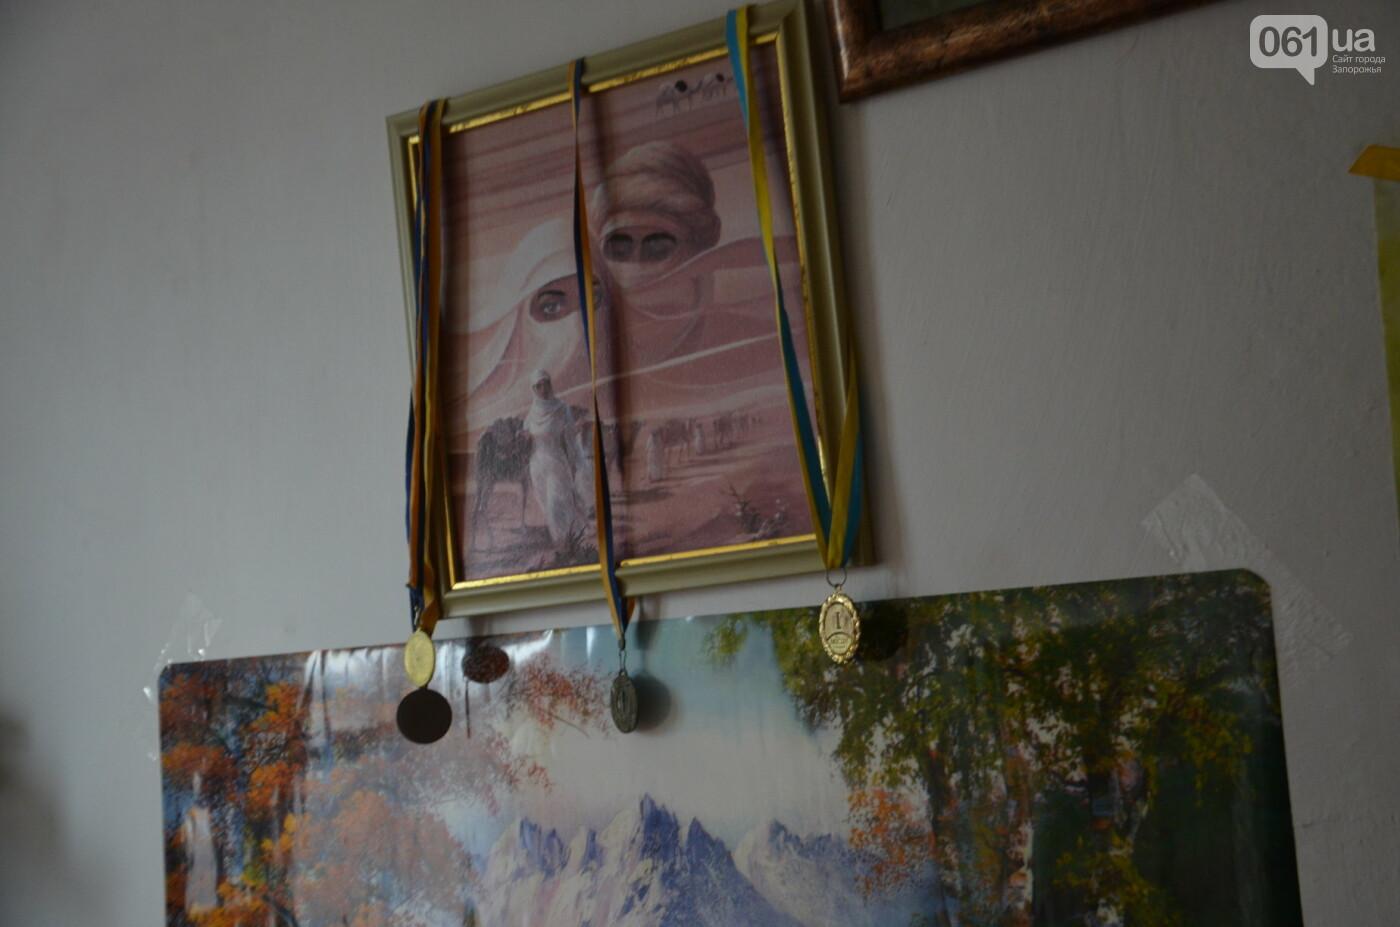 «У меня был муж, ребенок и любимая работа, а потом я оказалась здесь»: как в Преславском интернате живут старые и новые постояльцы, фото-8